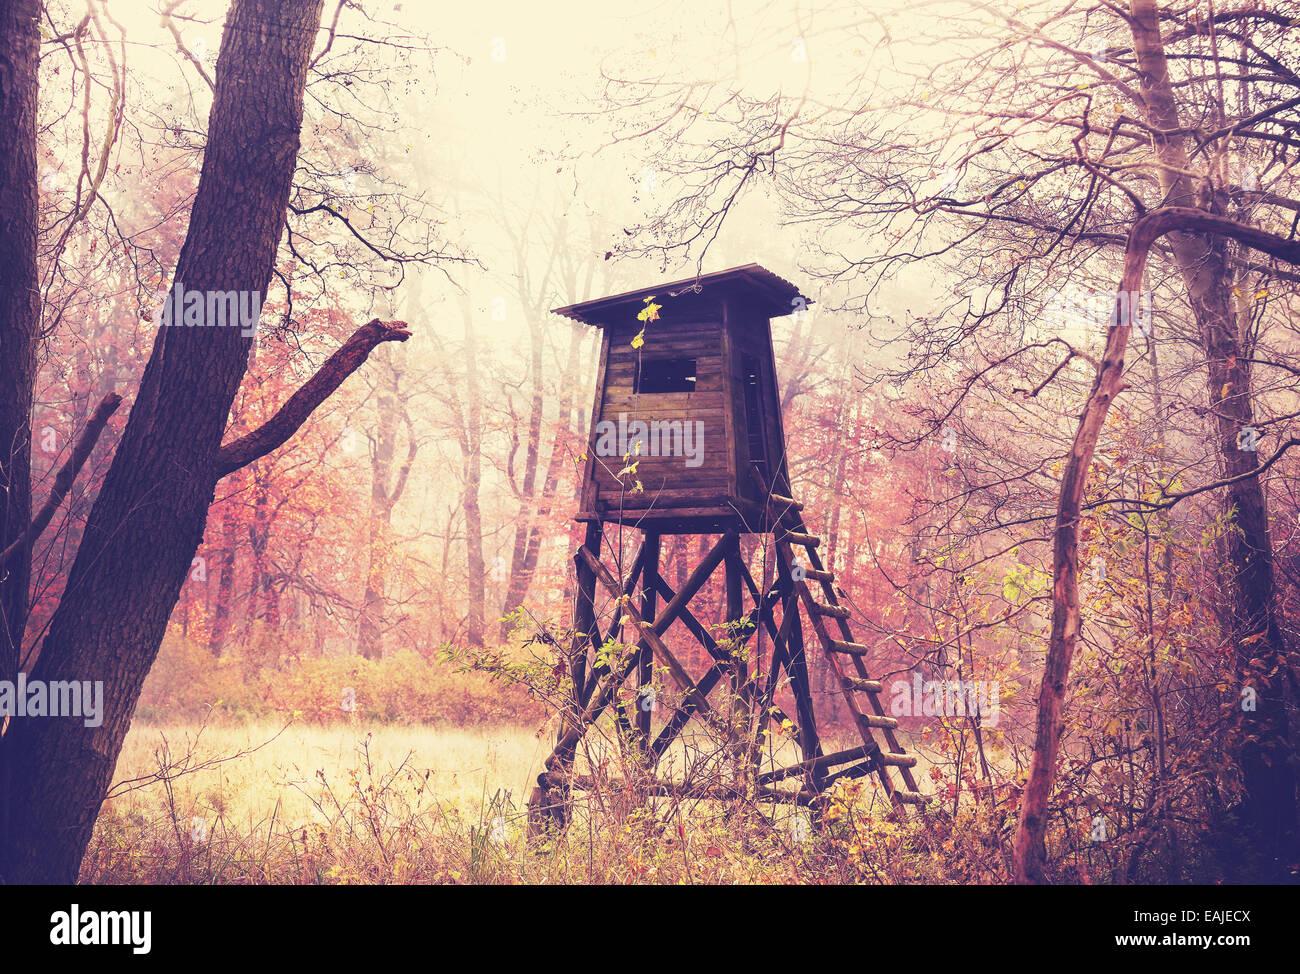 Vintage foto filtrada del púlpito de caza en el bosque. Imagen De Stock